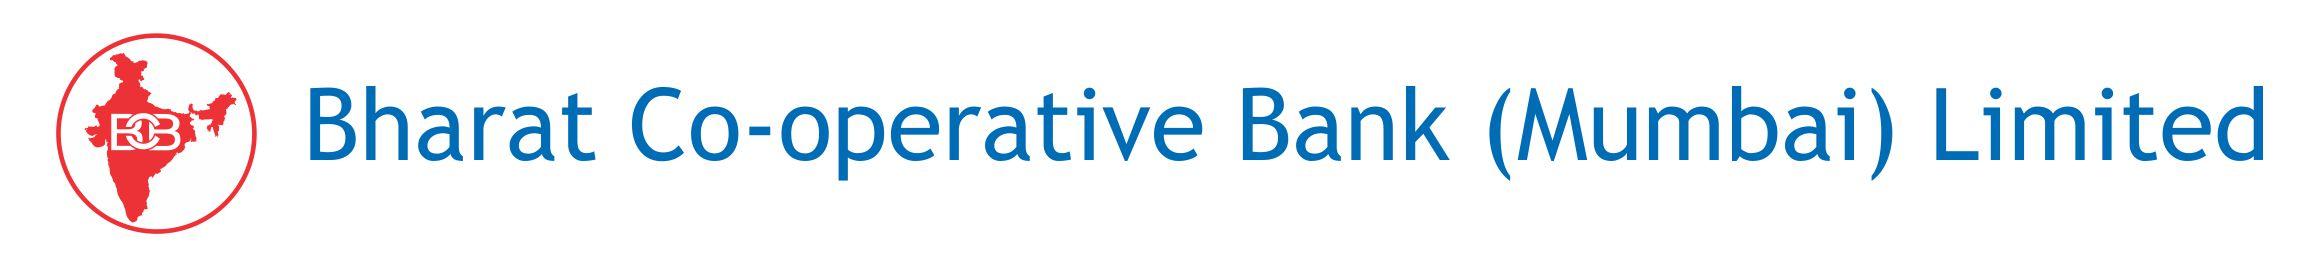 BHARAT COOPERATIVE BANK MUMBAI LIMITED KHAR EAST IFSC CODE MUMBAI MAHARASHTRA